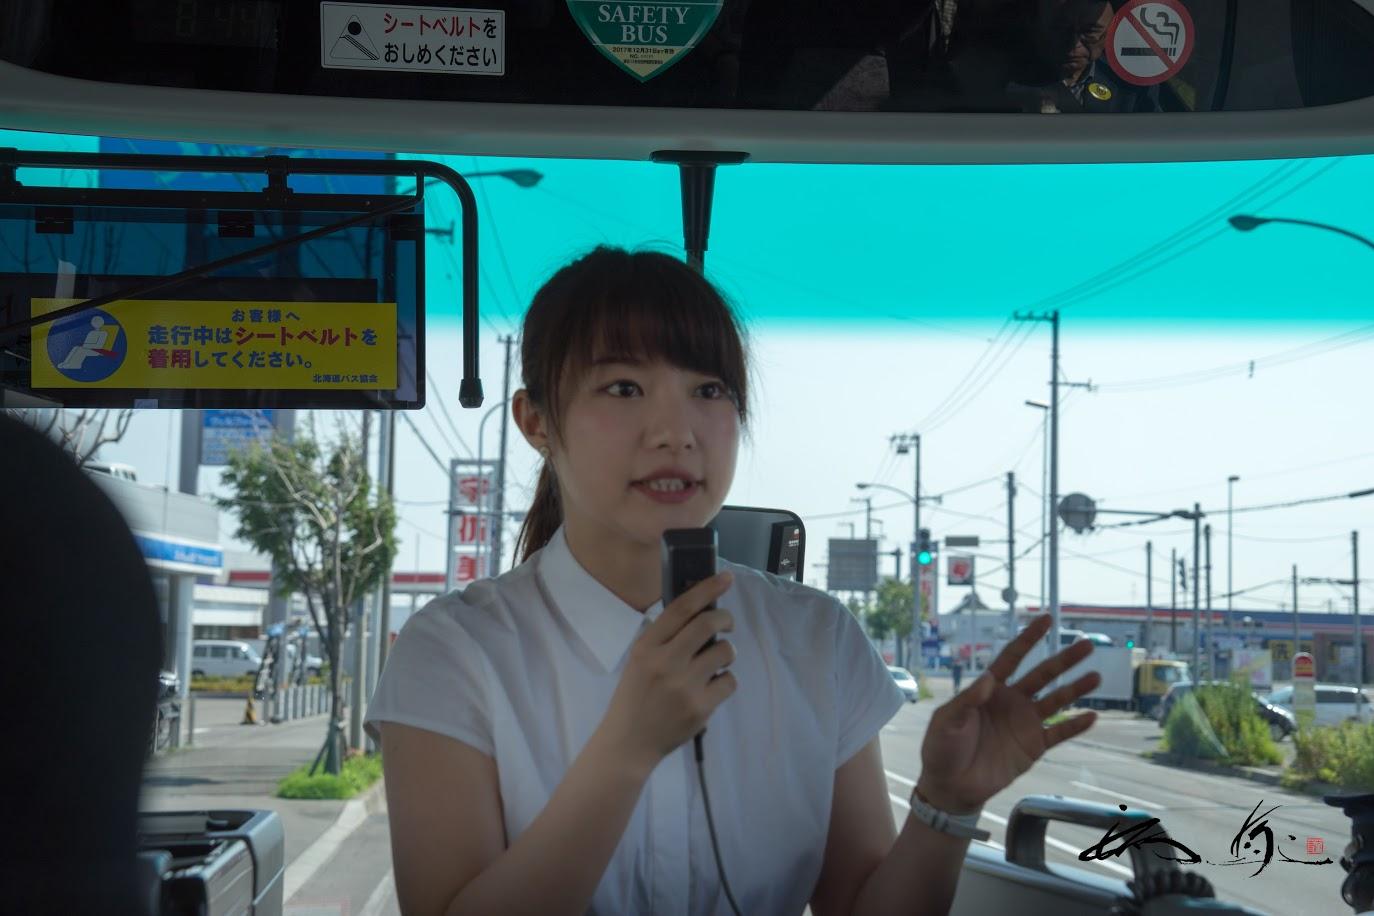 レポーター・國生千代さんのご挨拶